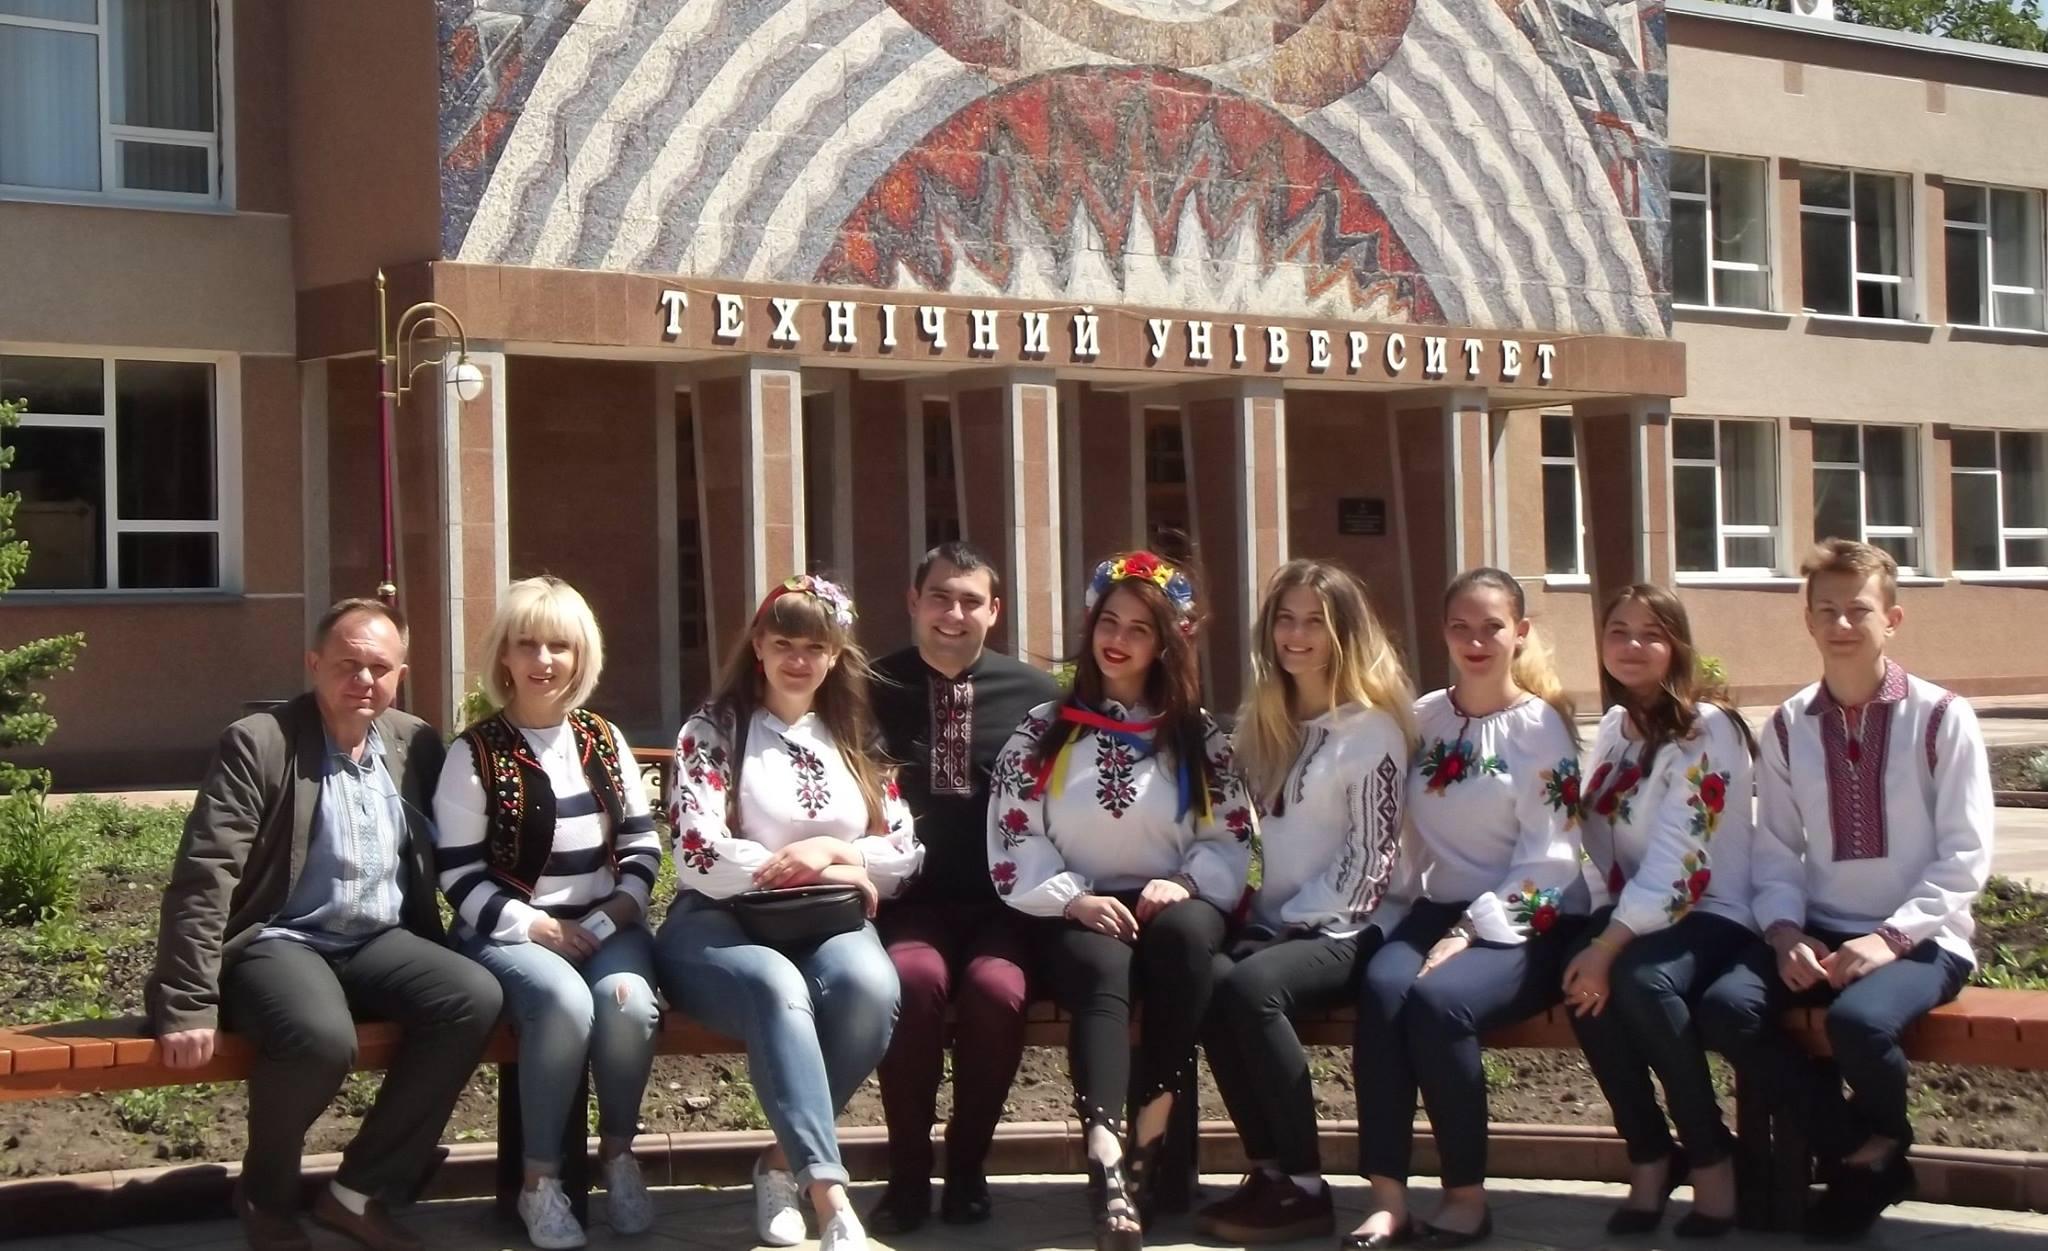 Флешмоб сьогодні запланували і студенти Донецького медичного університету ffa369fb895b6